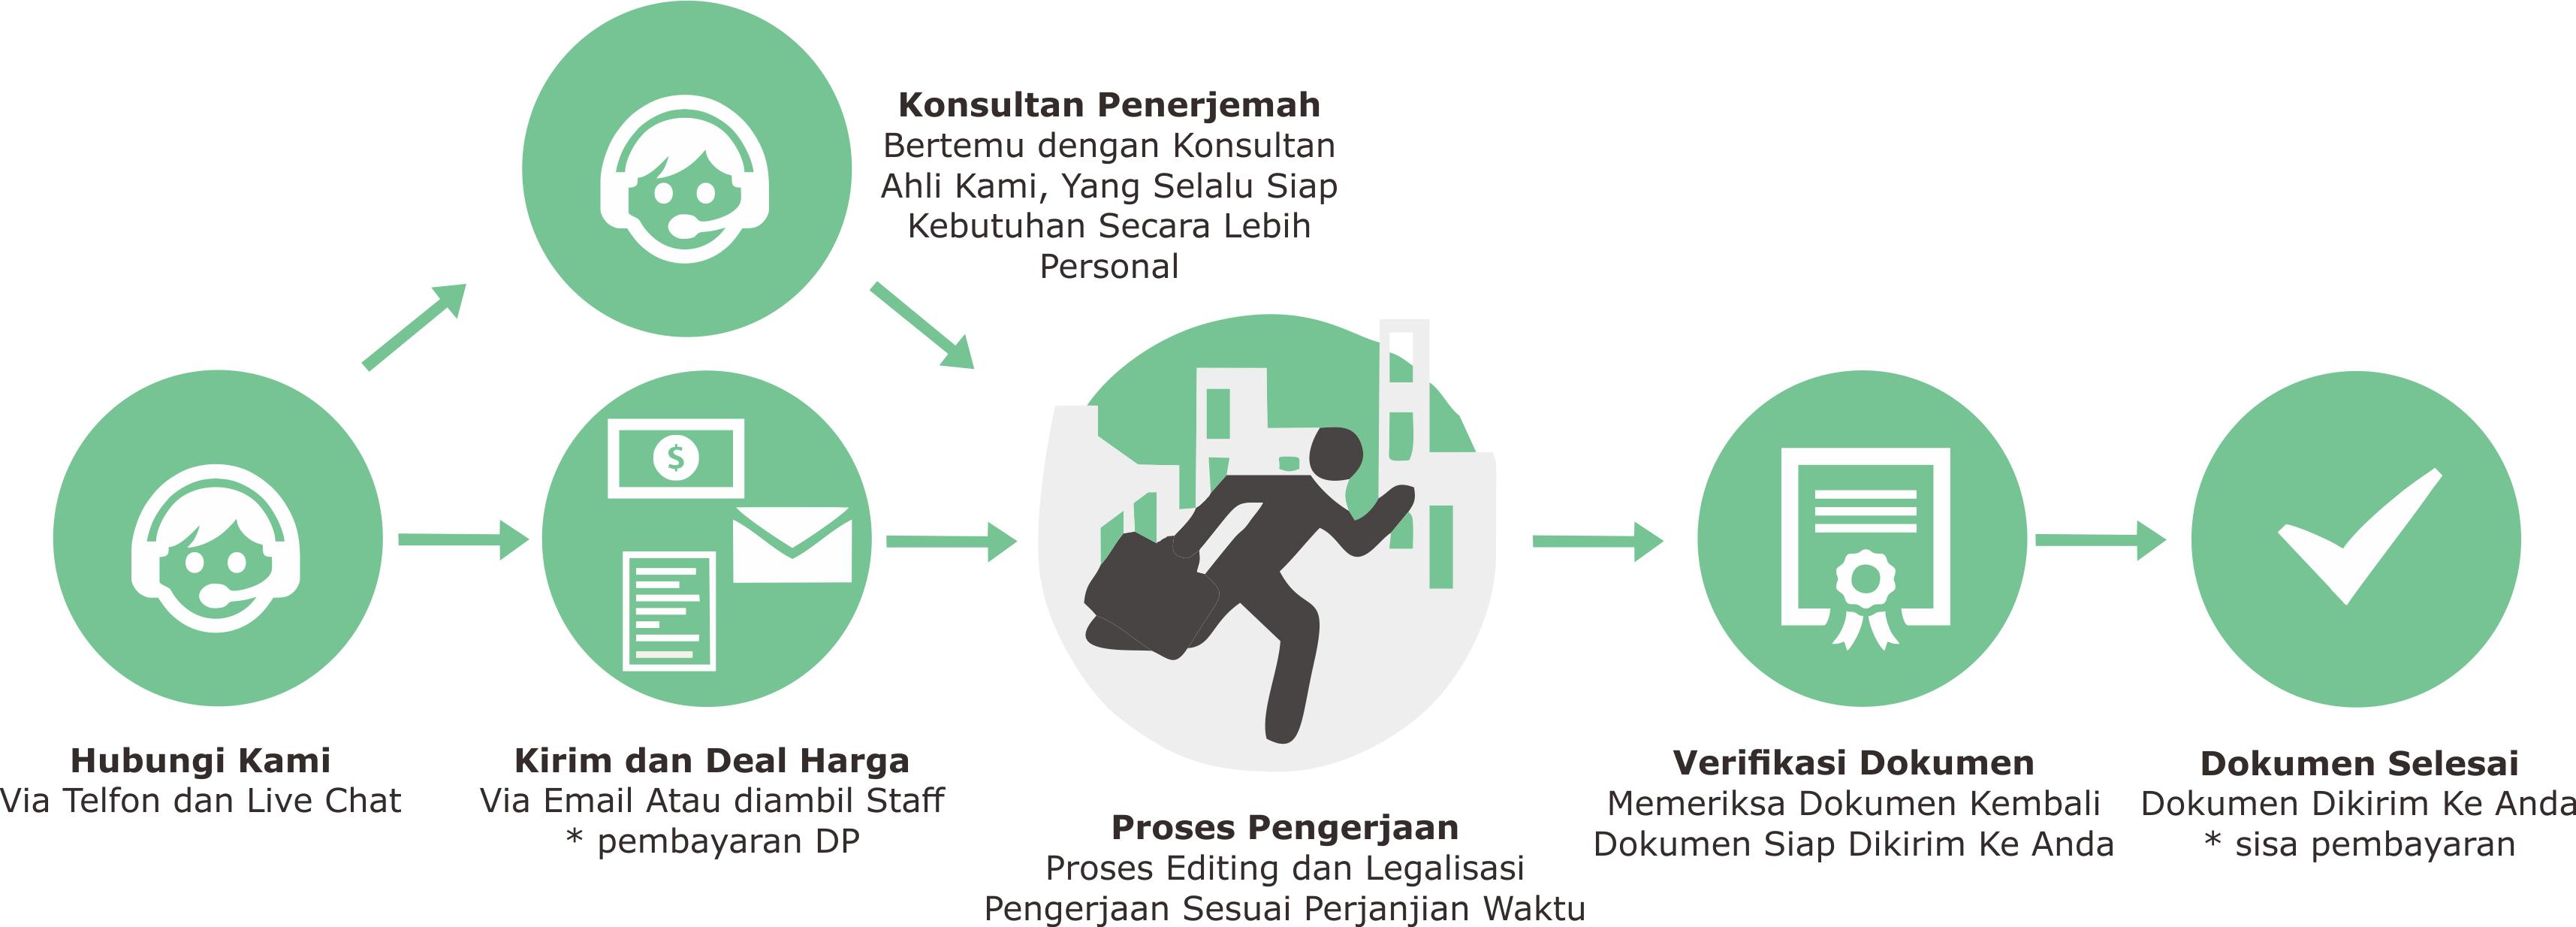 Jasa Legalisasi Dokumen, Penerjemah Tersumpah dan Intertpreter Berbagai Bahasa Asing Hubungi Kami Untuk Info (021) 55796796 | 082123335003, 087884574653 WA